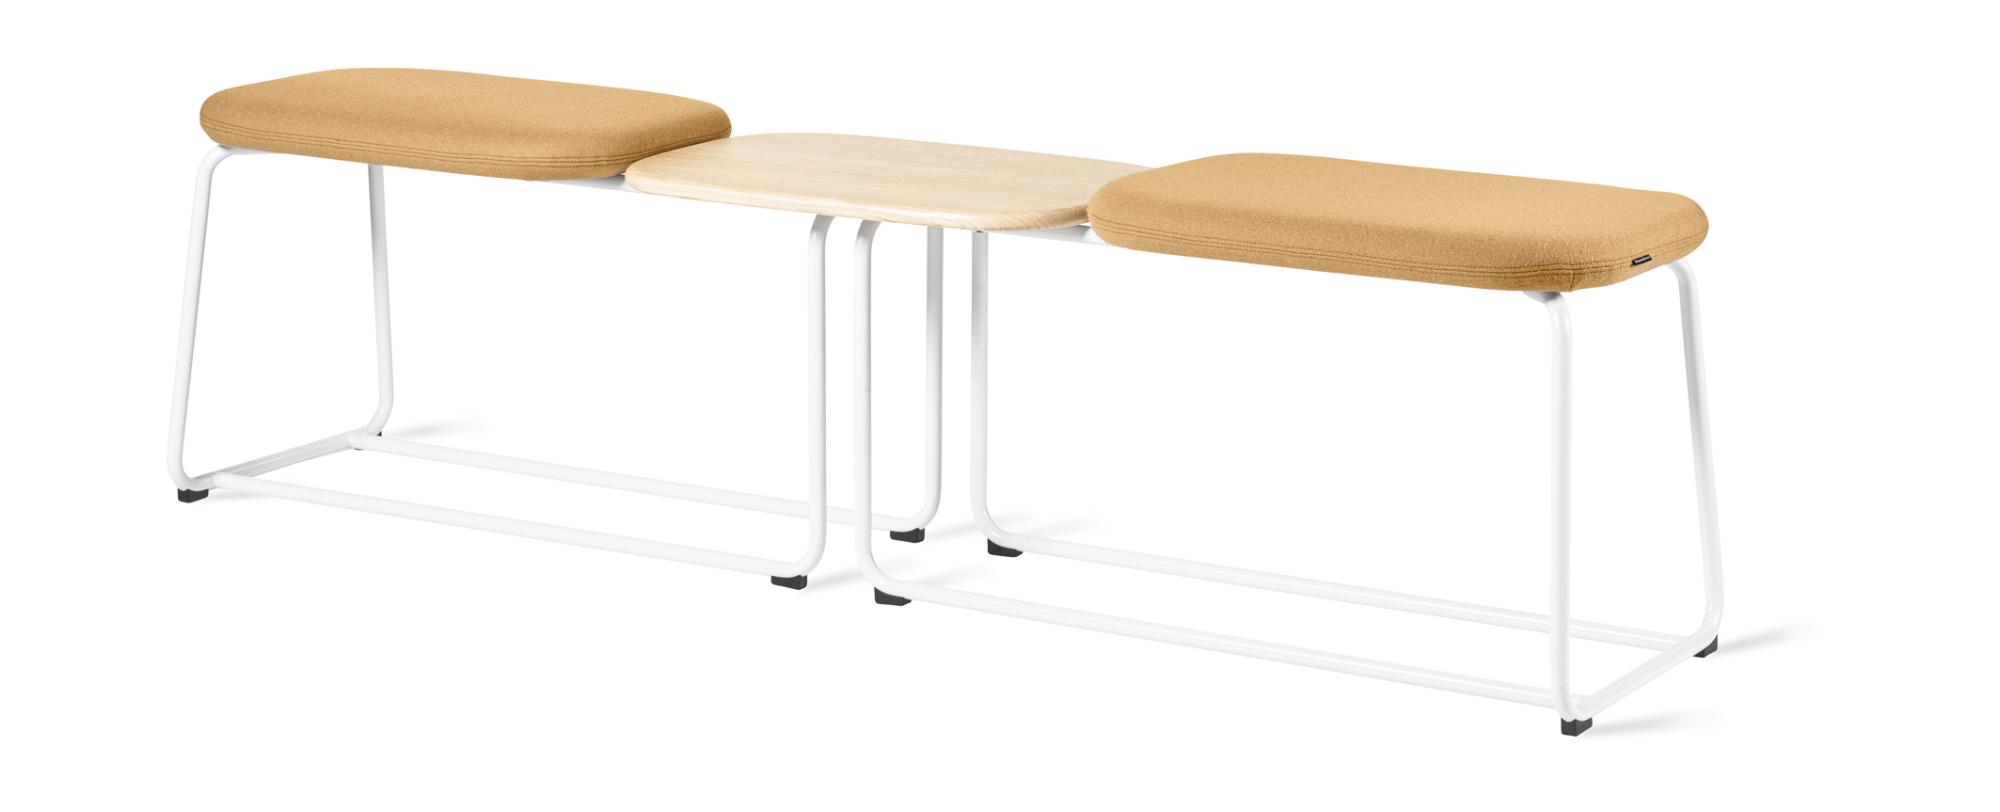 Die Sitzbank Soft Top von Skandiform wurde für ihr exzellentes Produktdesign mit dem German Design Award ausgezeichnet. Abbildung: Kinnarps